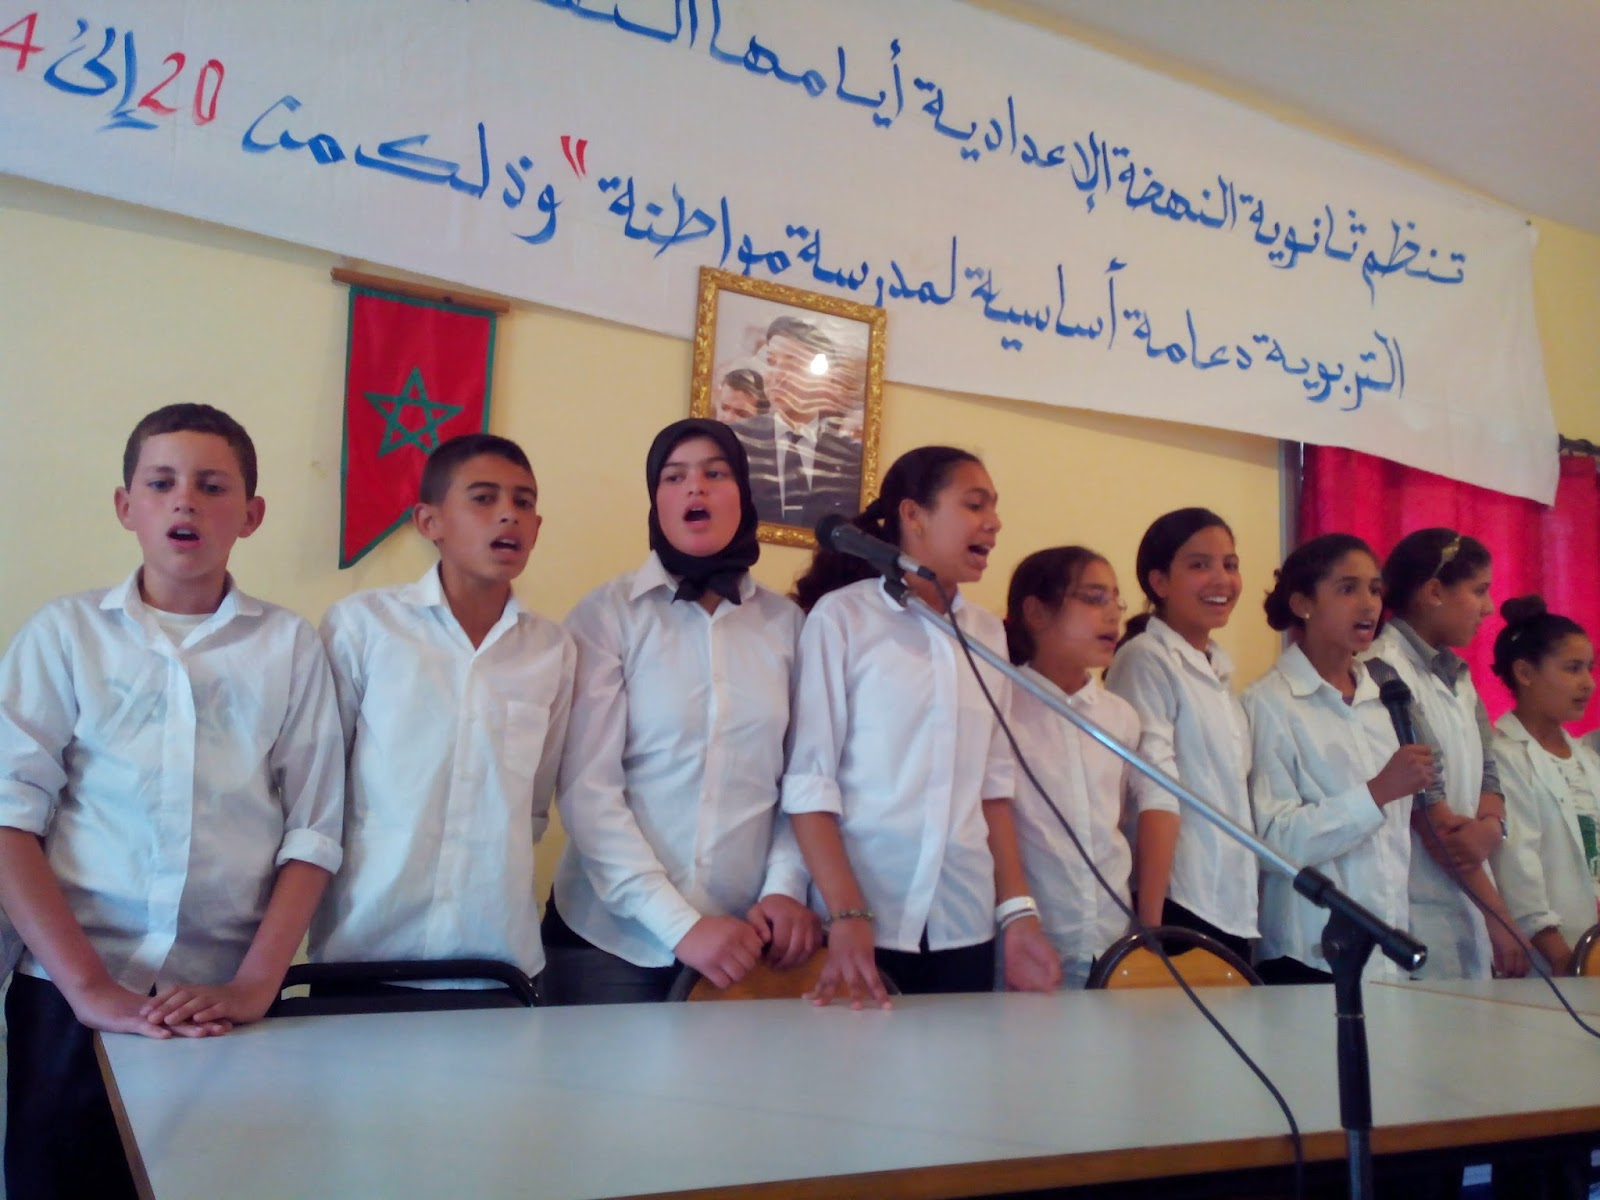 تاونات: الاندية التربوية بالثانوية النهضة الاعدادية بتاونات تنظم اياما ثقافية بفضاء المؤسسة